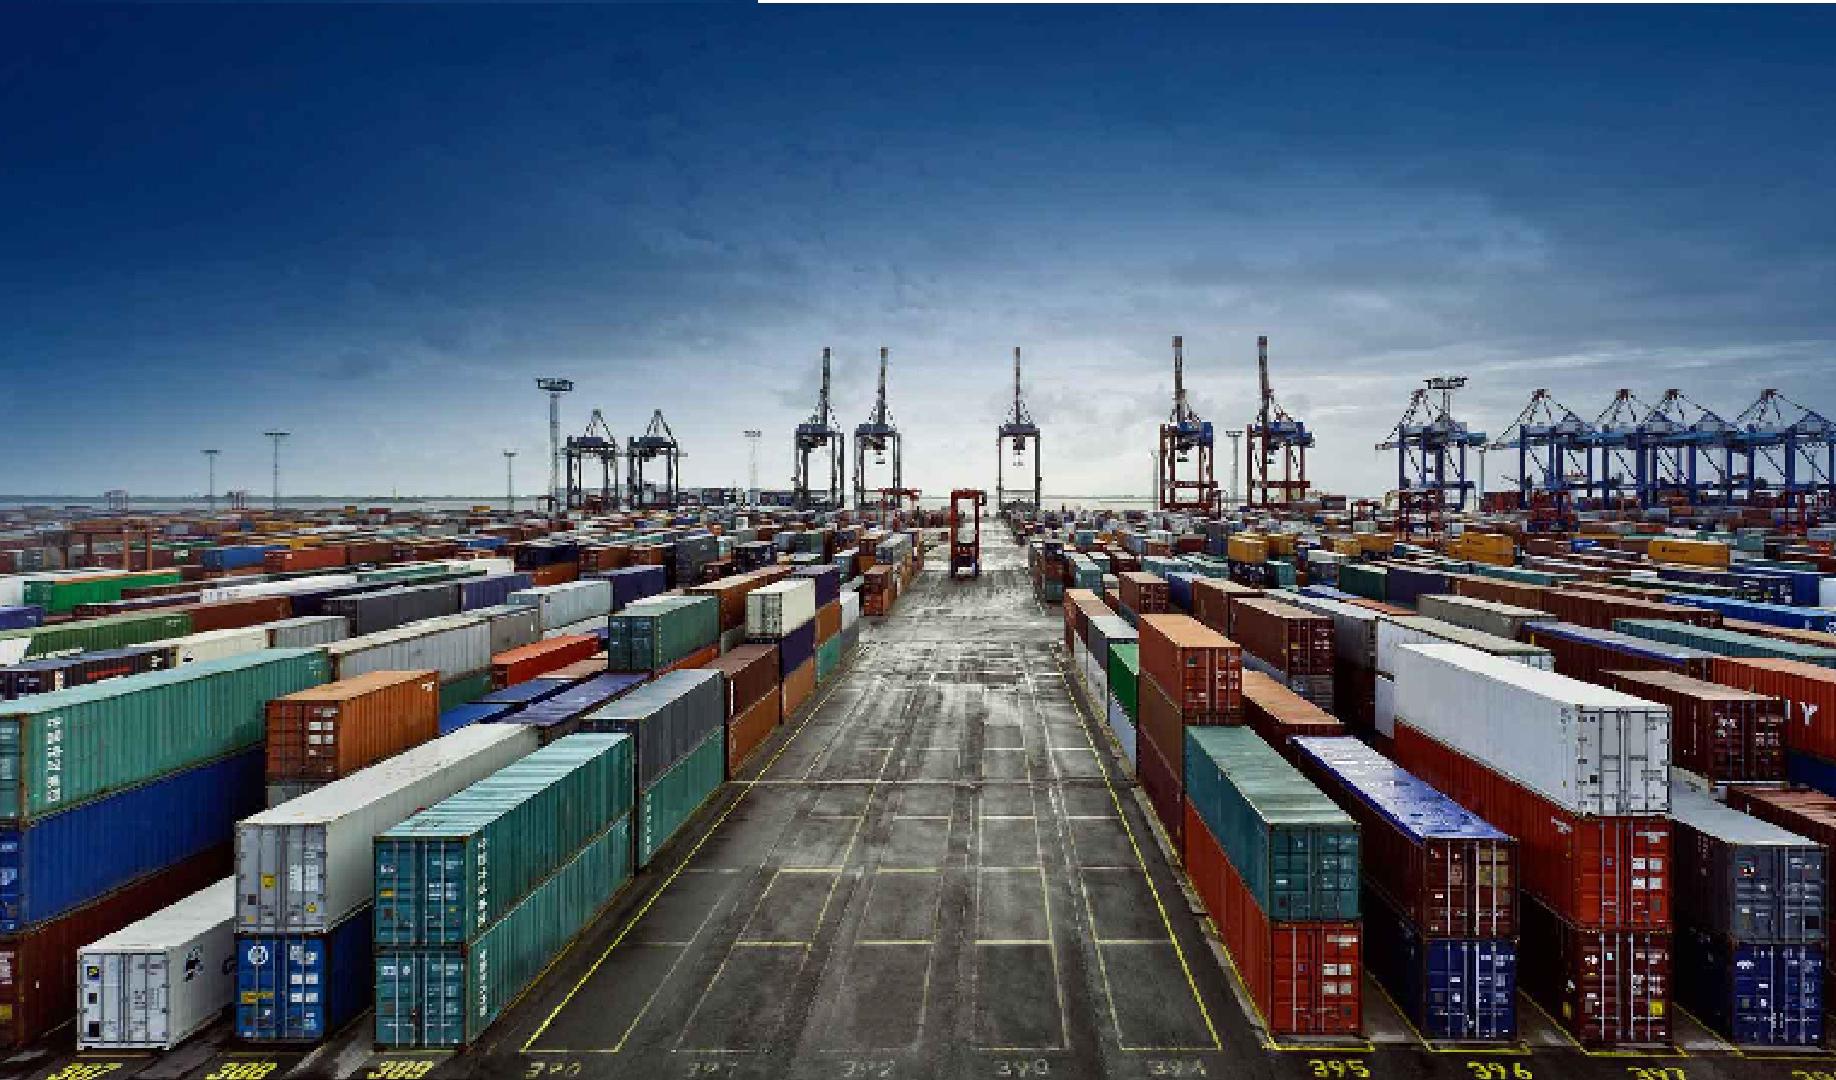 گزارش مقدماتی تجارت خارجی ایران/ صادارات و واردات کاهش یافت